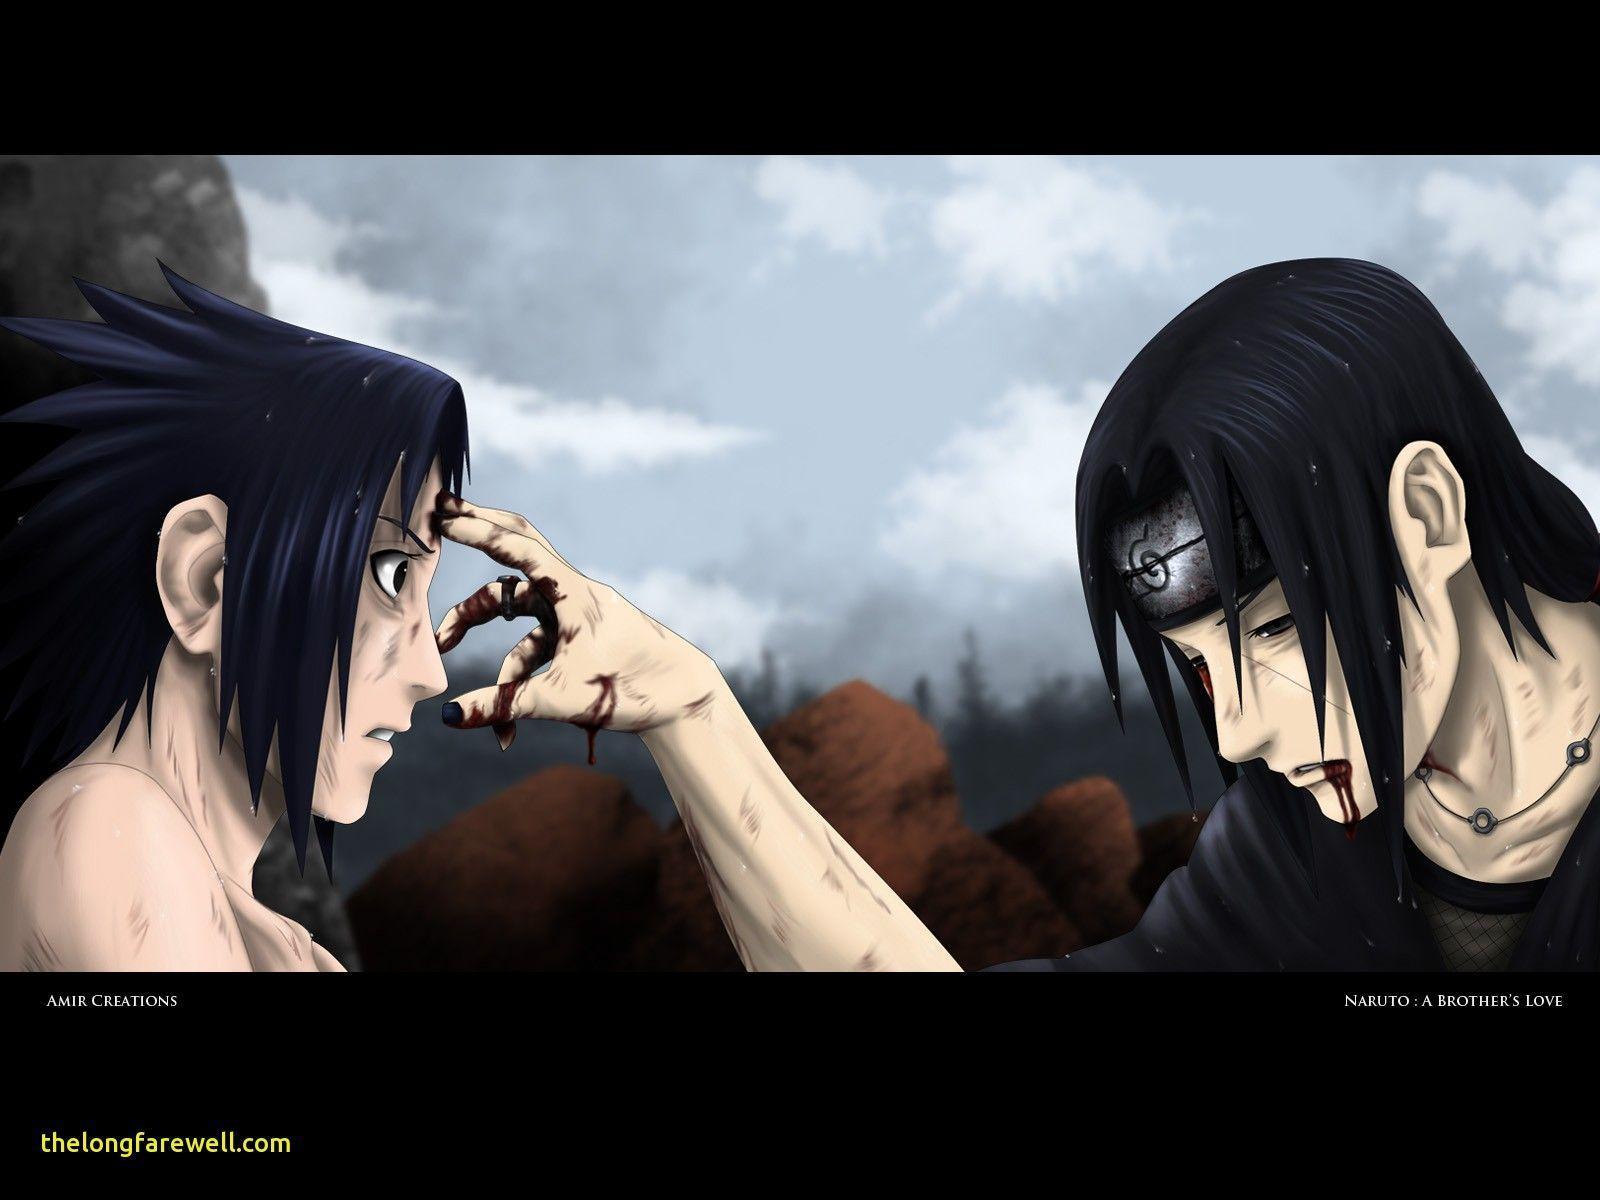 Sasuke and Itachi Wallpapers - Top Free Sasuke and Itachi ...